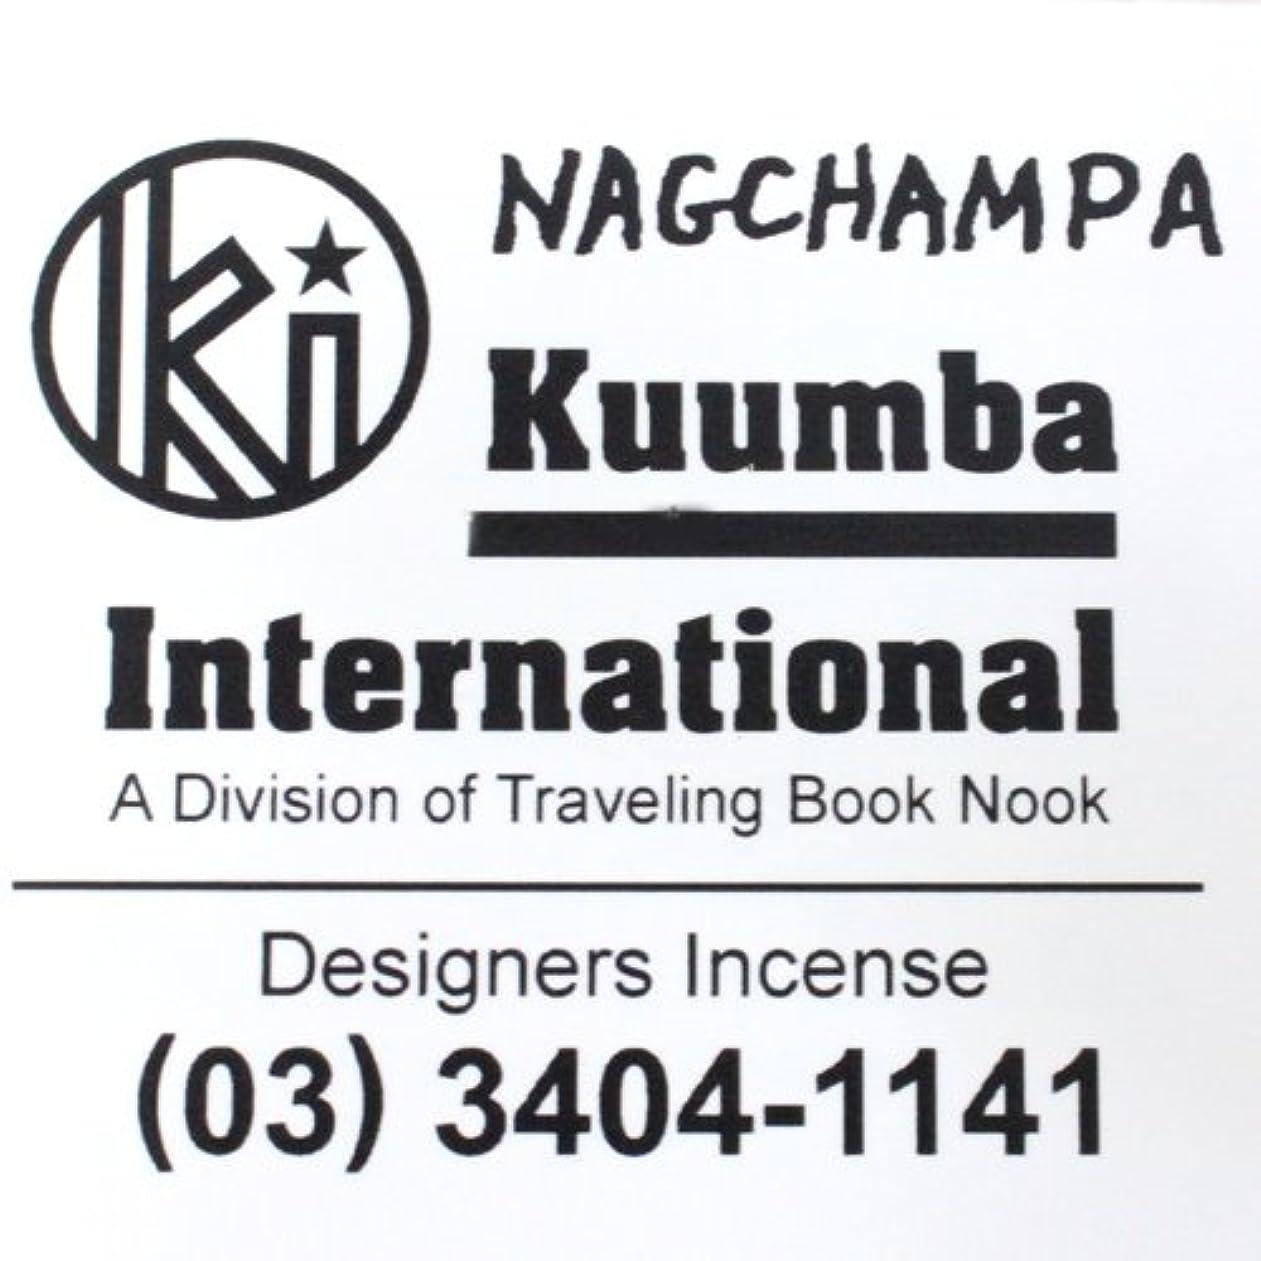 幸運小切手軍隊KUUMBA (クンバ)『incense』(NAGCHAMPA) (Regular size)